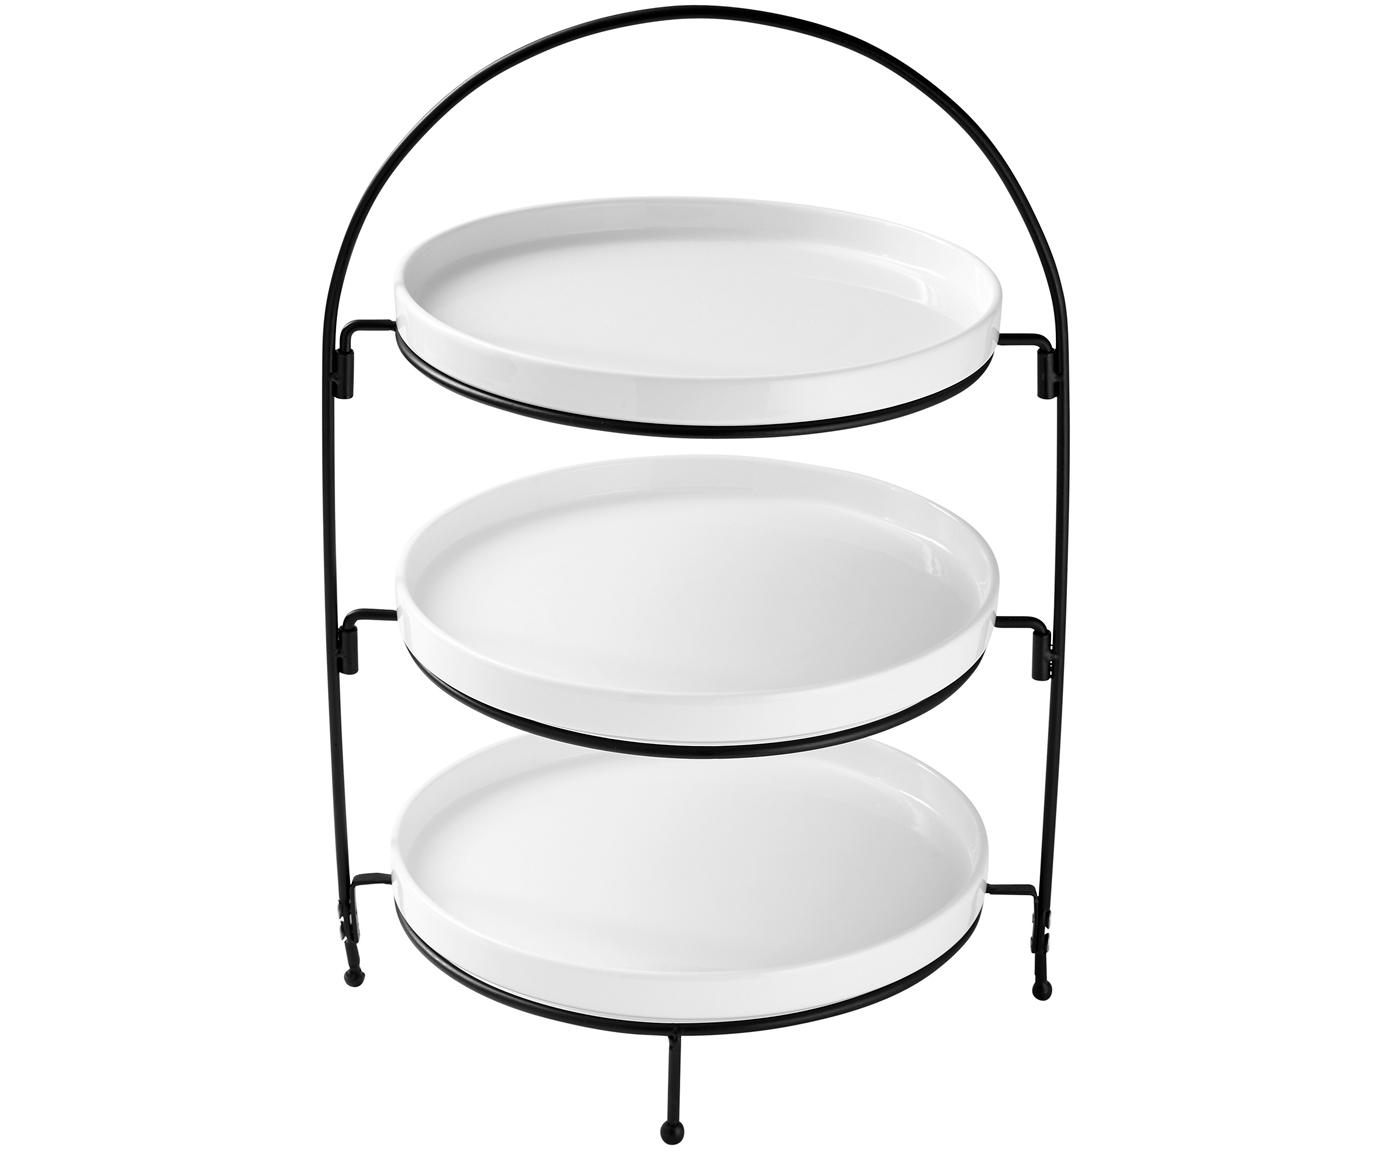 Etagere Tazzo, Ripiani: porcellana, Struttura: metallo verniciato, Bianco, nero, Larg. 30 x Alt. 55 cm